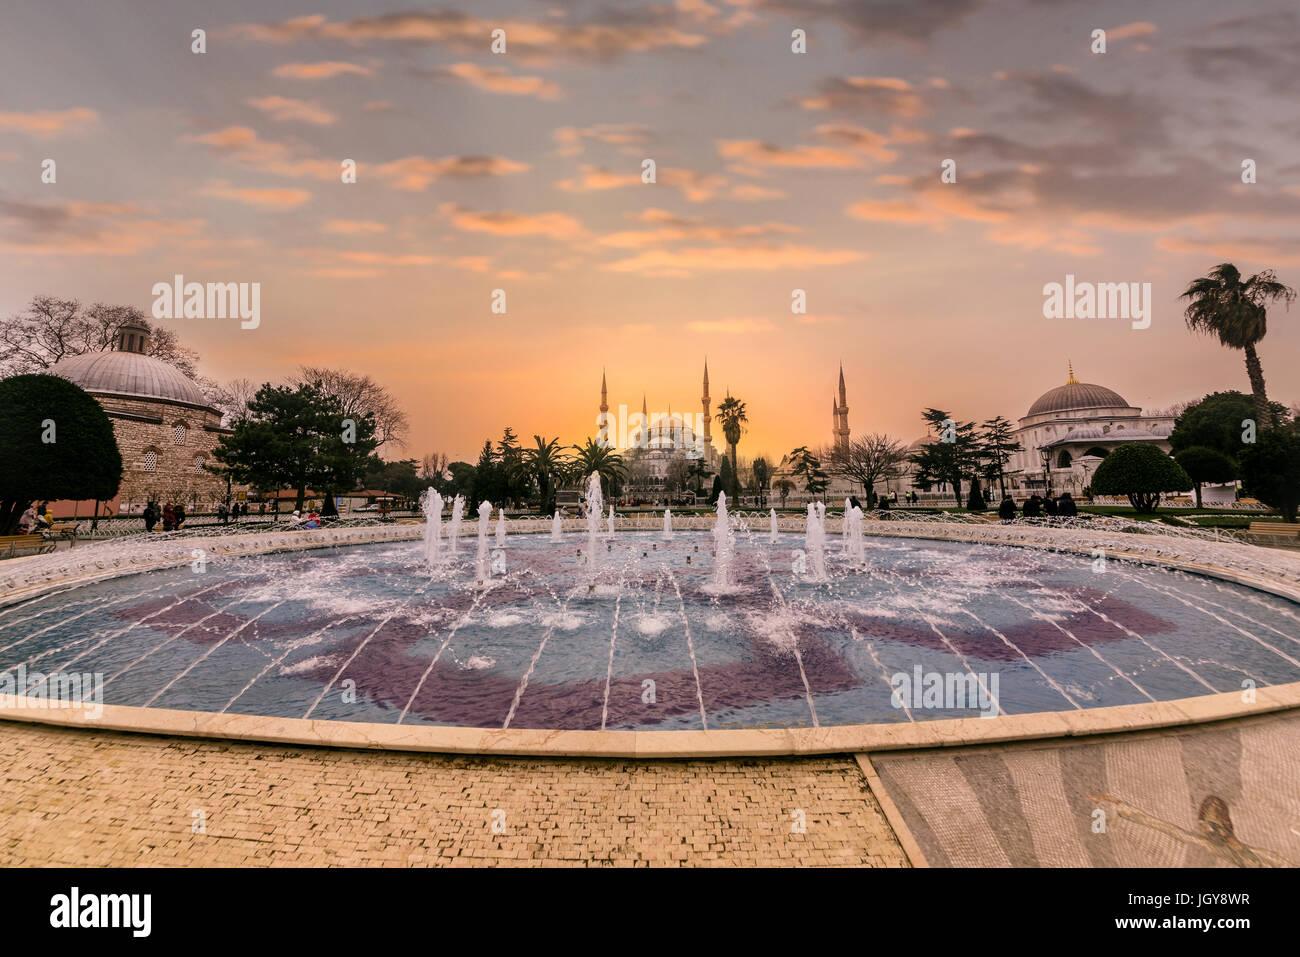 Vista di Hagia Sophia,un greco cristiano ortodosso patriarcale basilica (chiesa),costruito nel 537 D.C. in seguito Foto Stock